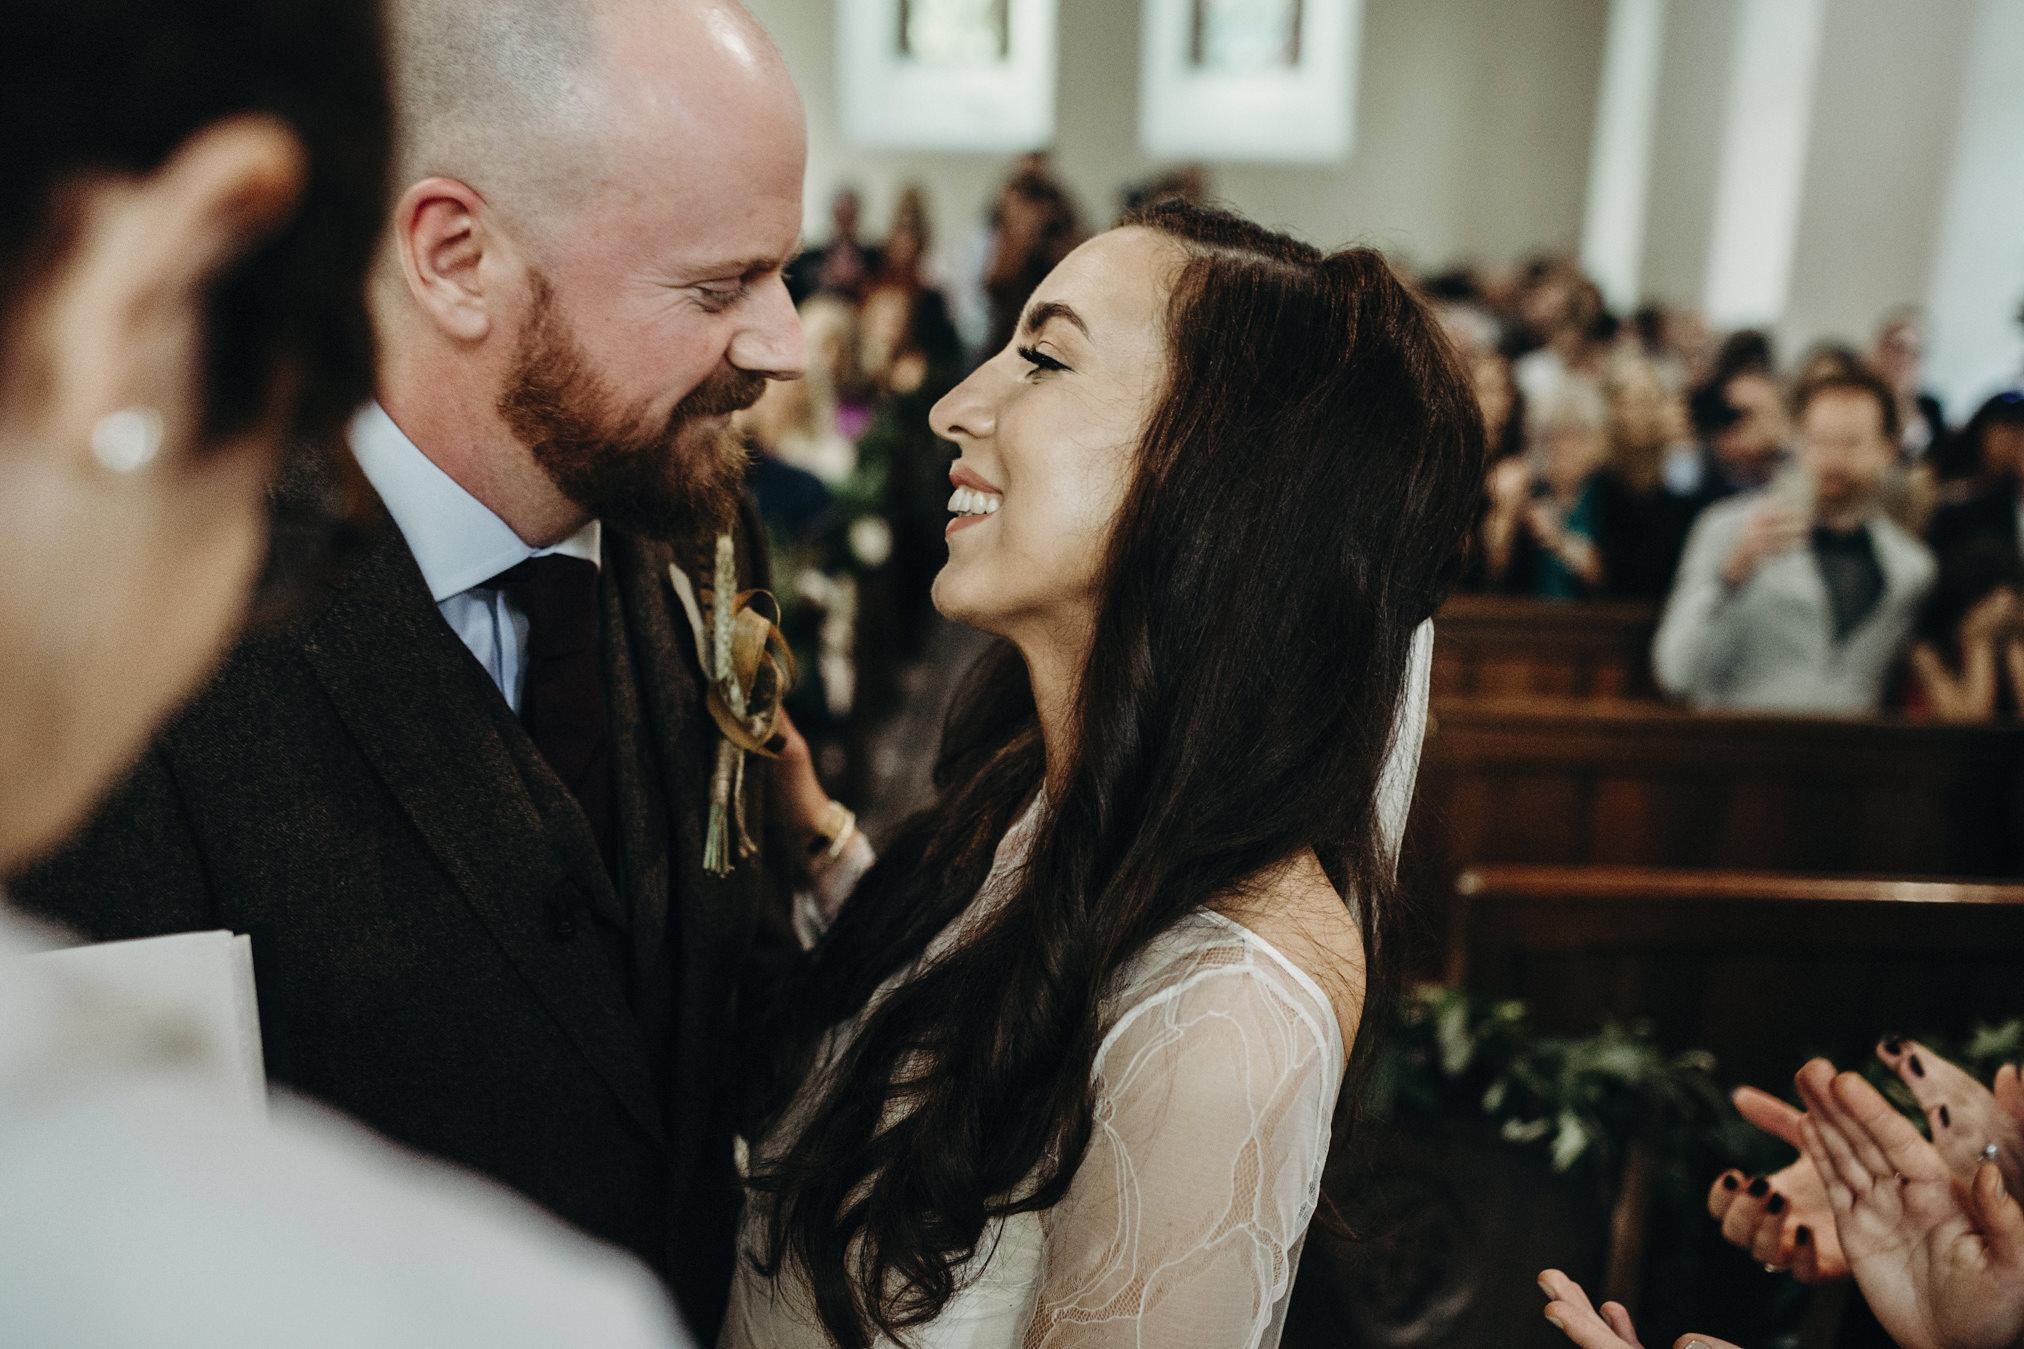 wedding photographer irelandGraciela Vilagudin Photography560.jpg